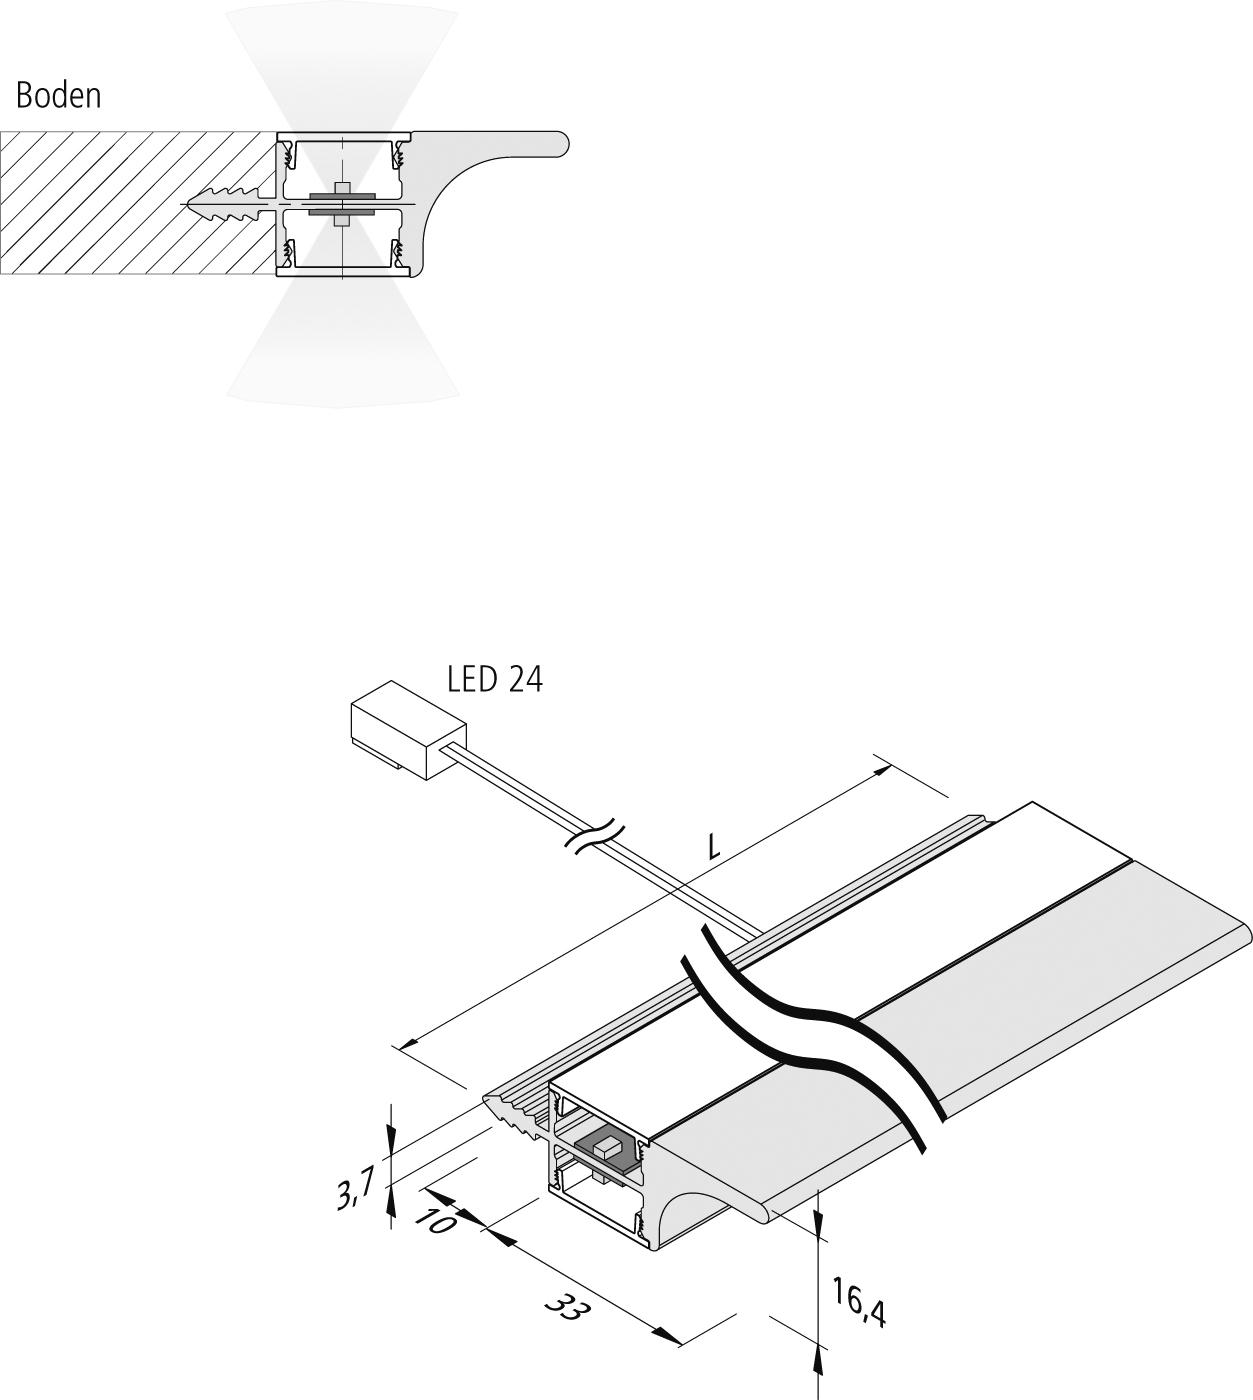 Vorschau: Up-_-Down-LED_de